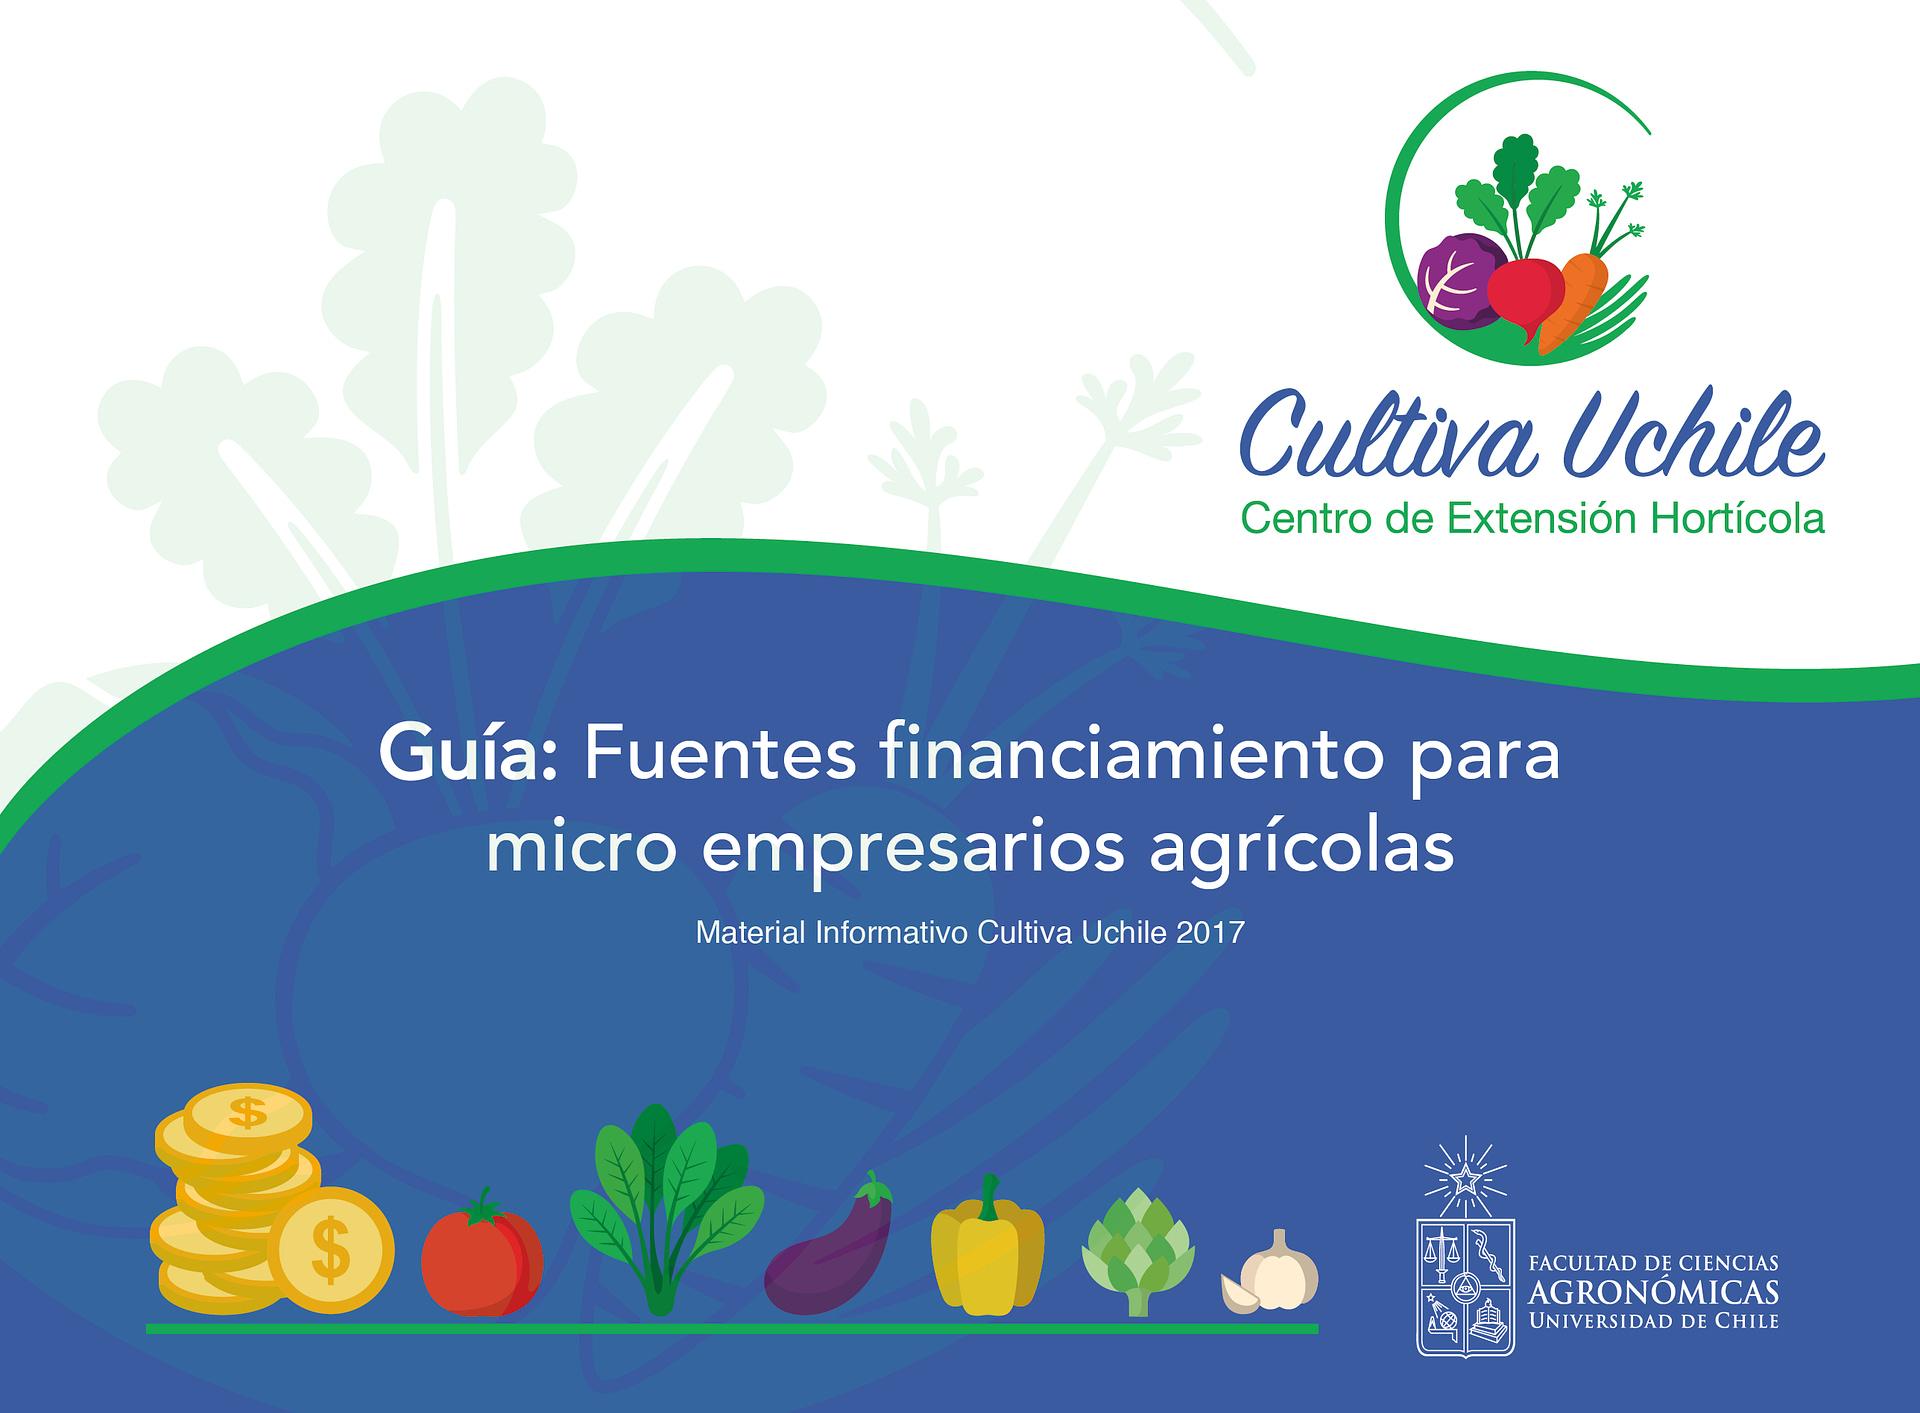 Guía: Fuentes financiamiento para micro empresarios agrícolas.